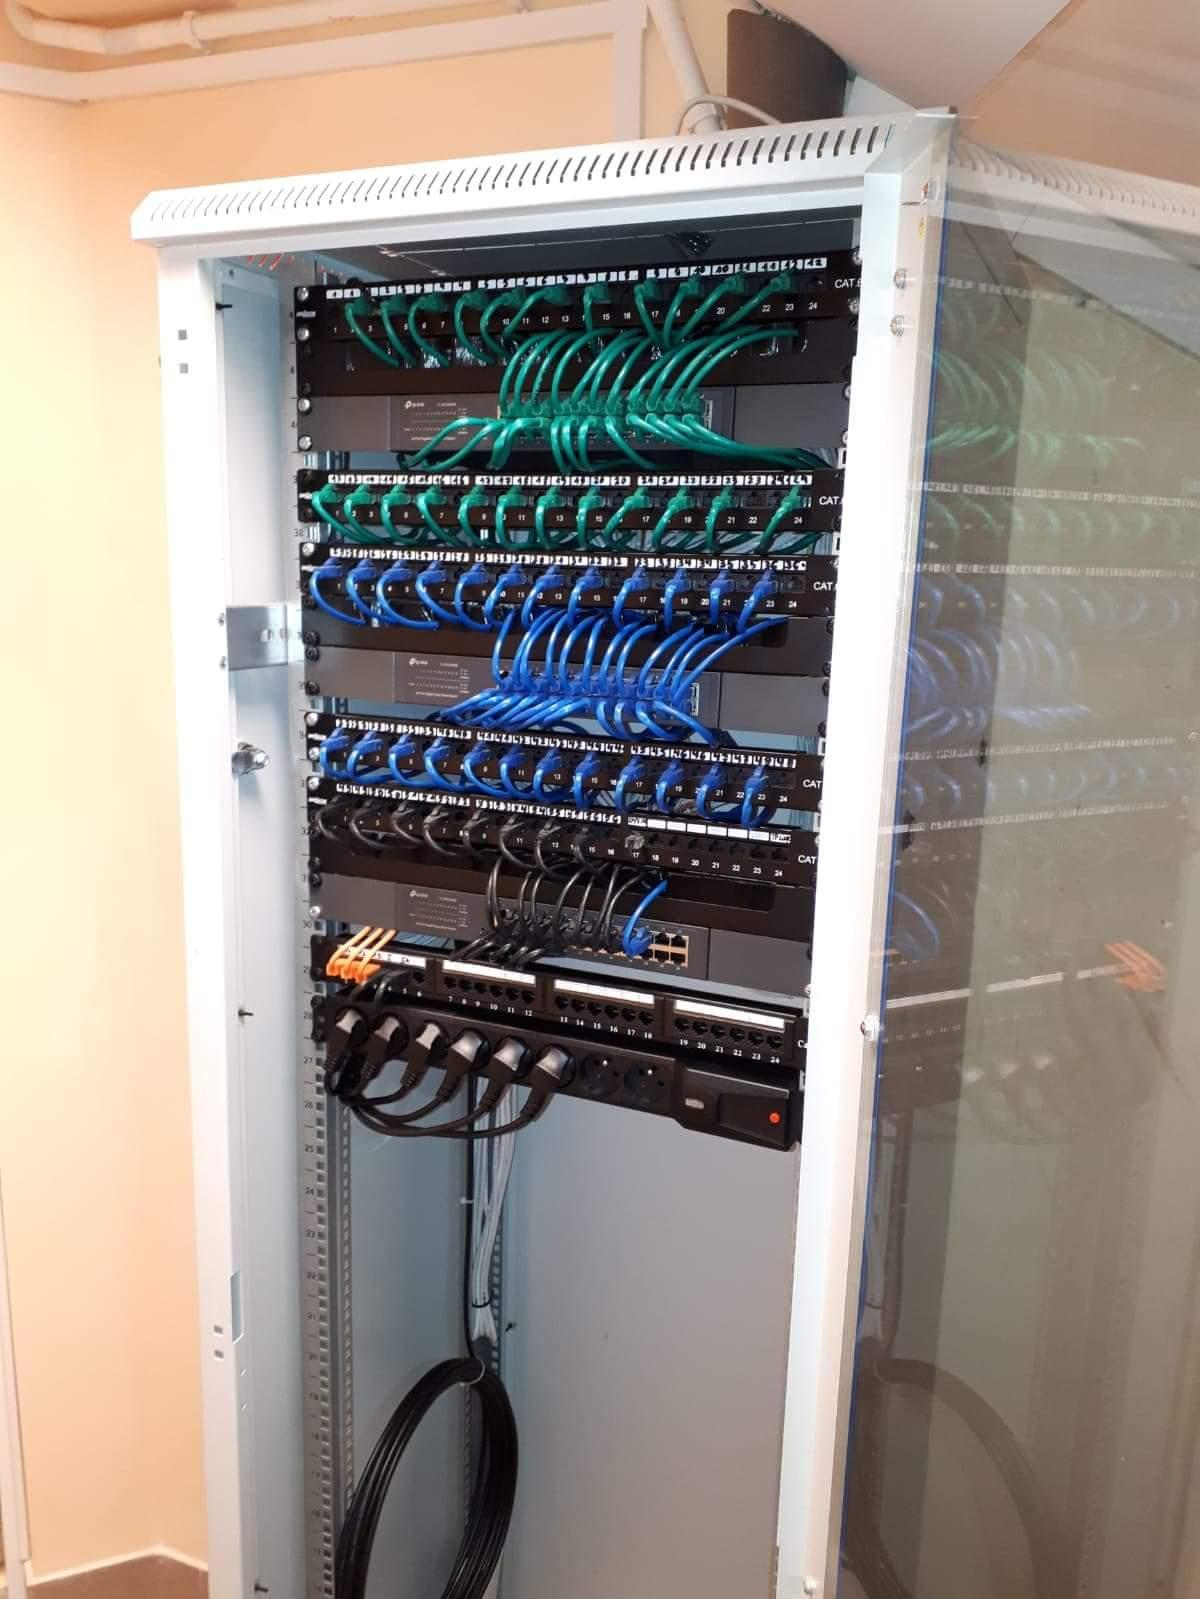 Szafa teleinformatyczna - sieć LAN w całym budynku szkoły.